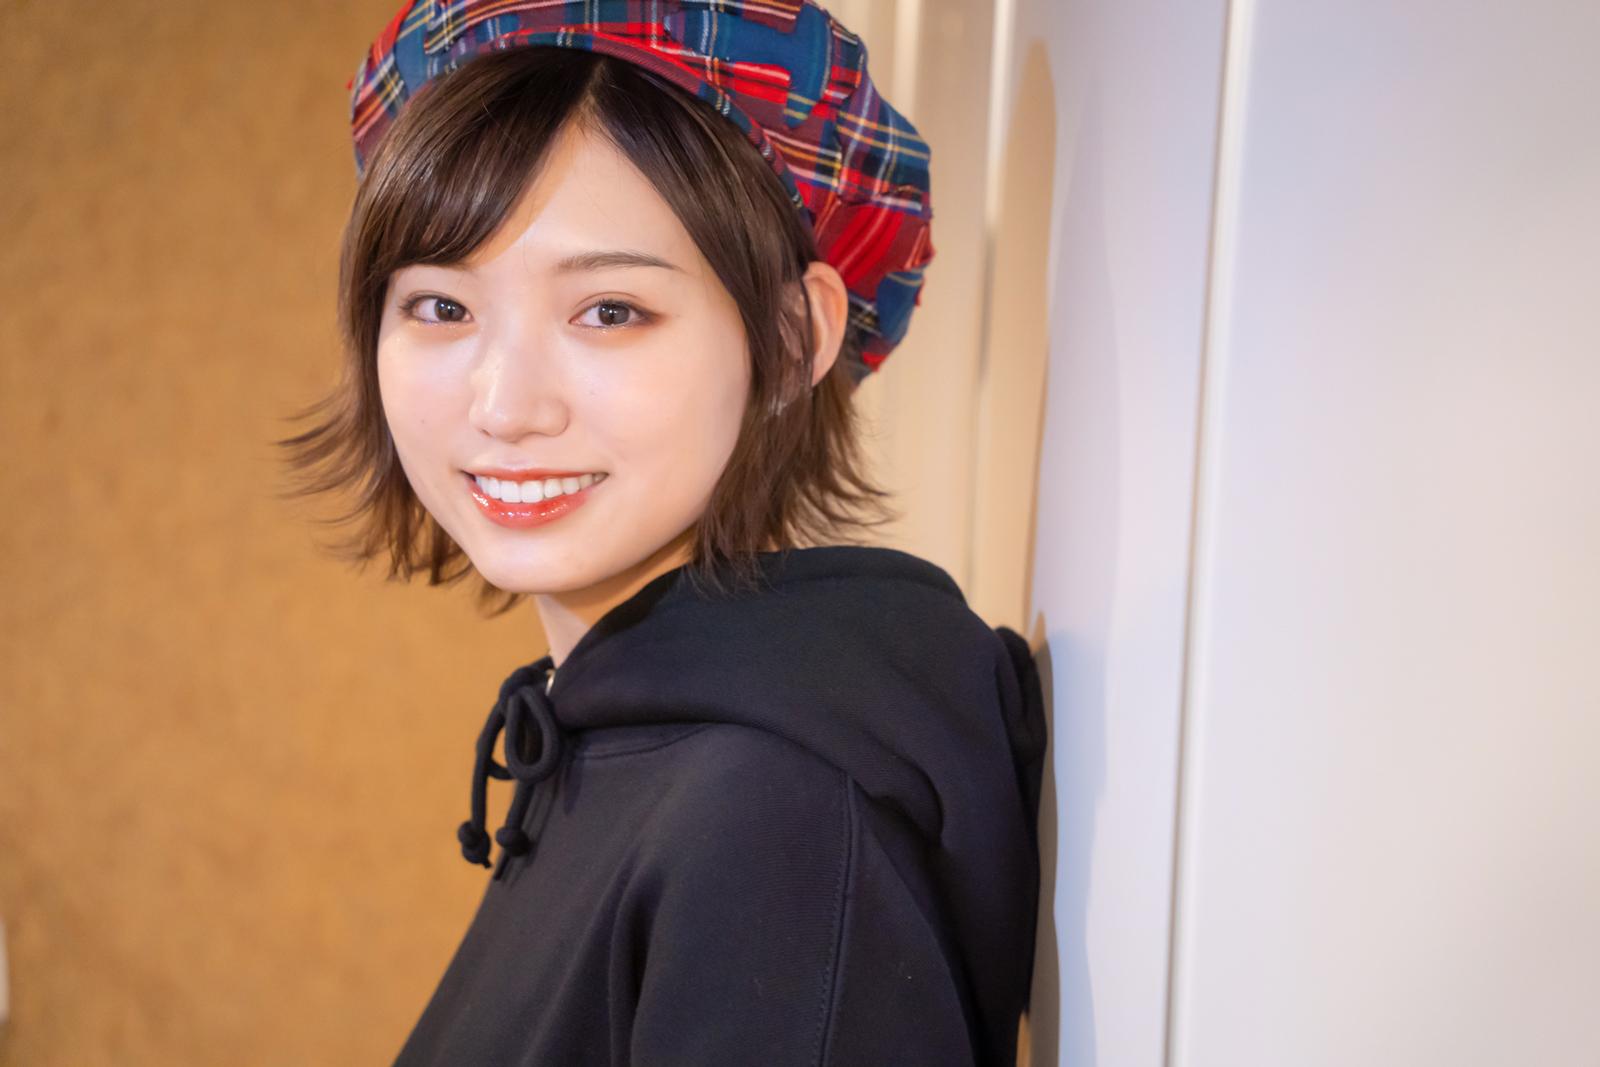 太田夢莉、NMB48卒業から1年「このまま終わるなんて逃げだ」強い想いを語る<インタビュー>